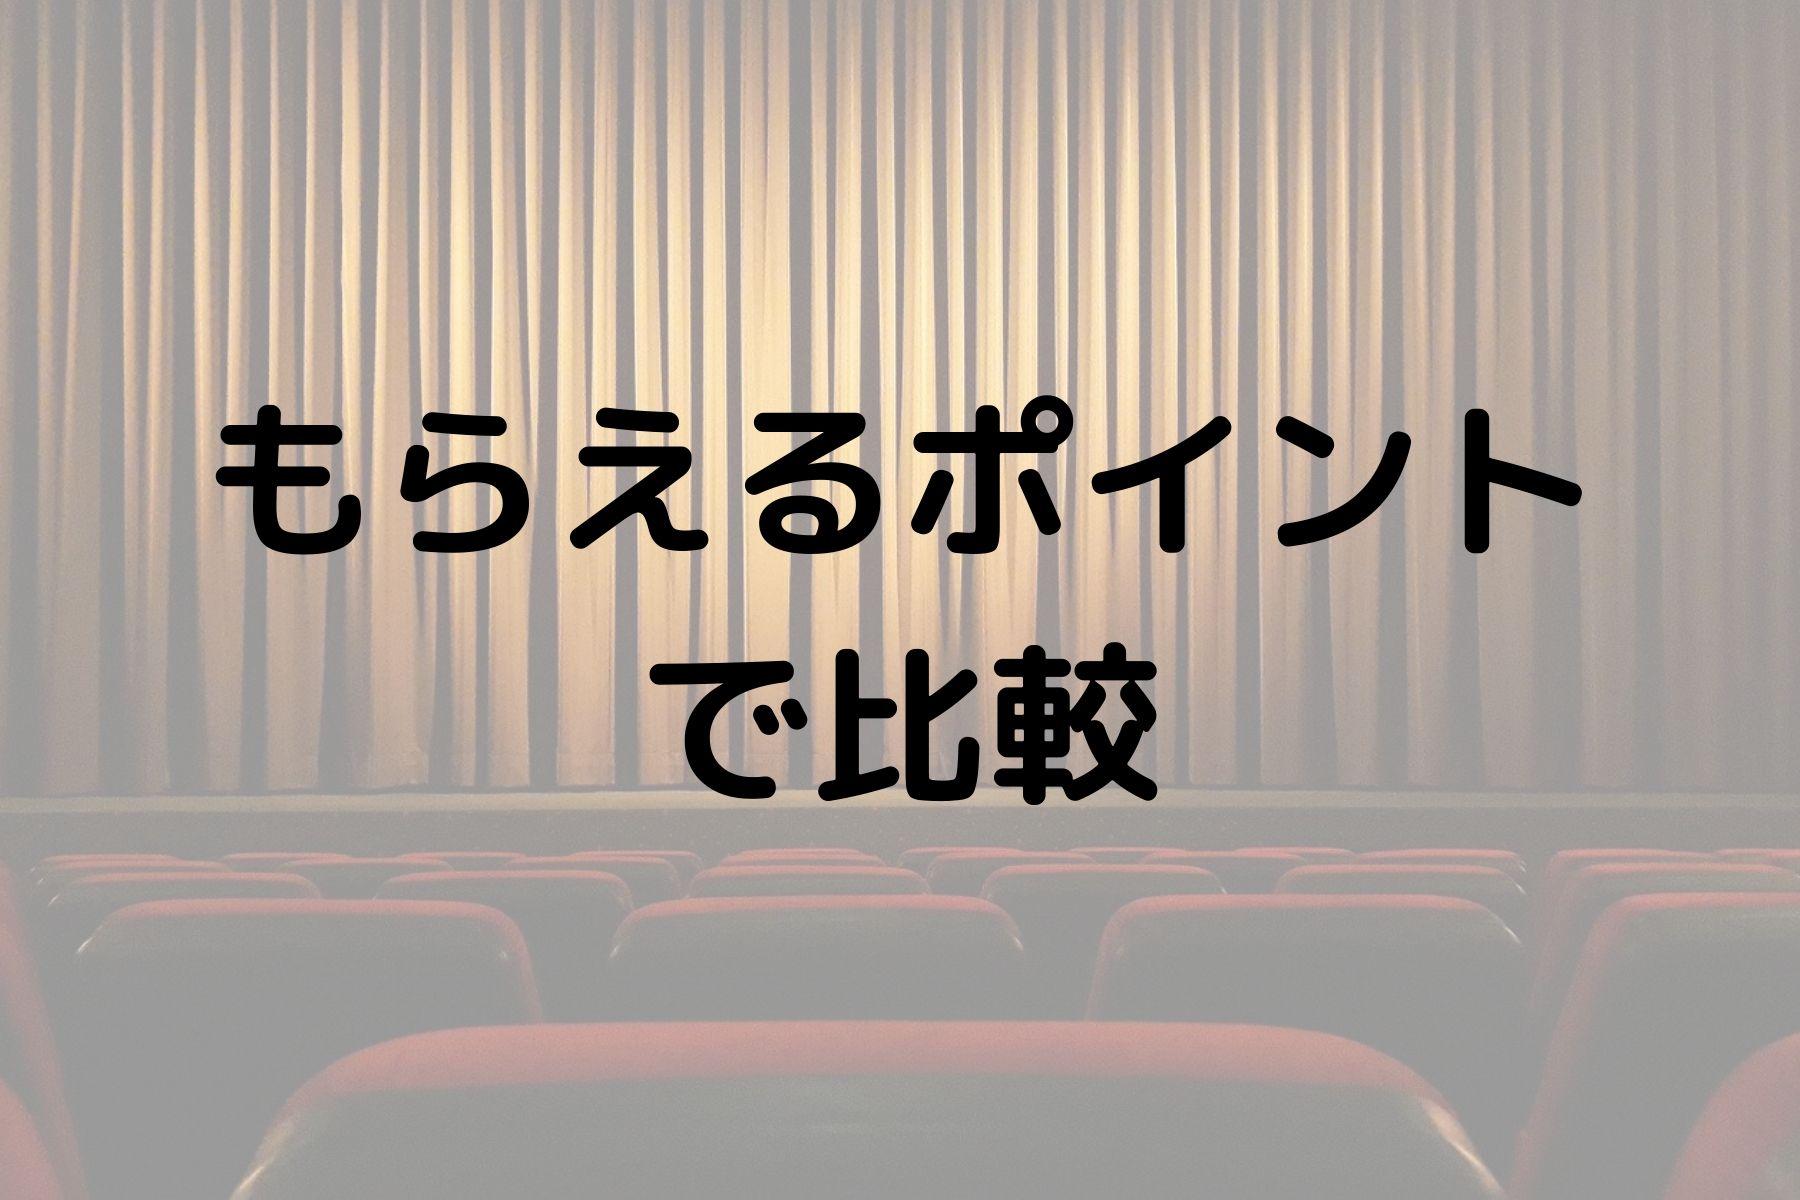 動画配信サービス 〜もらえるポイント〜